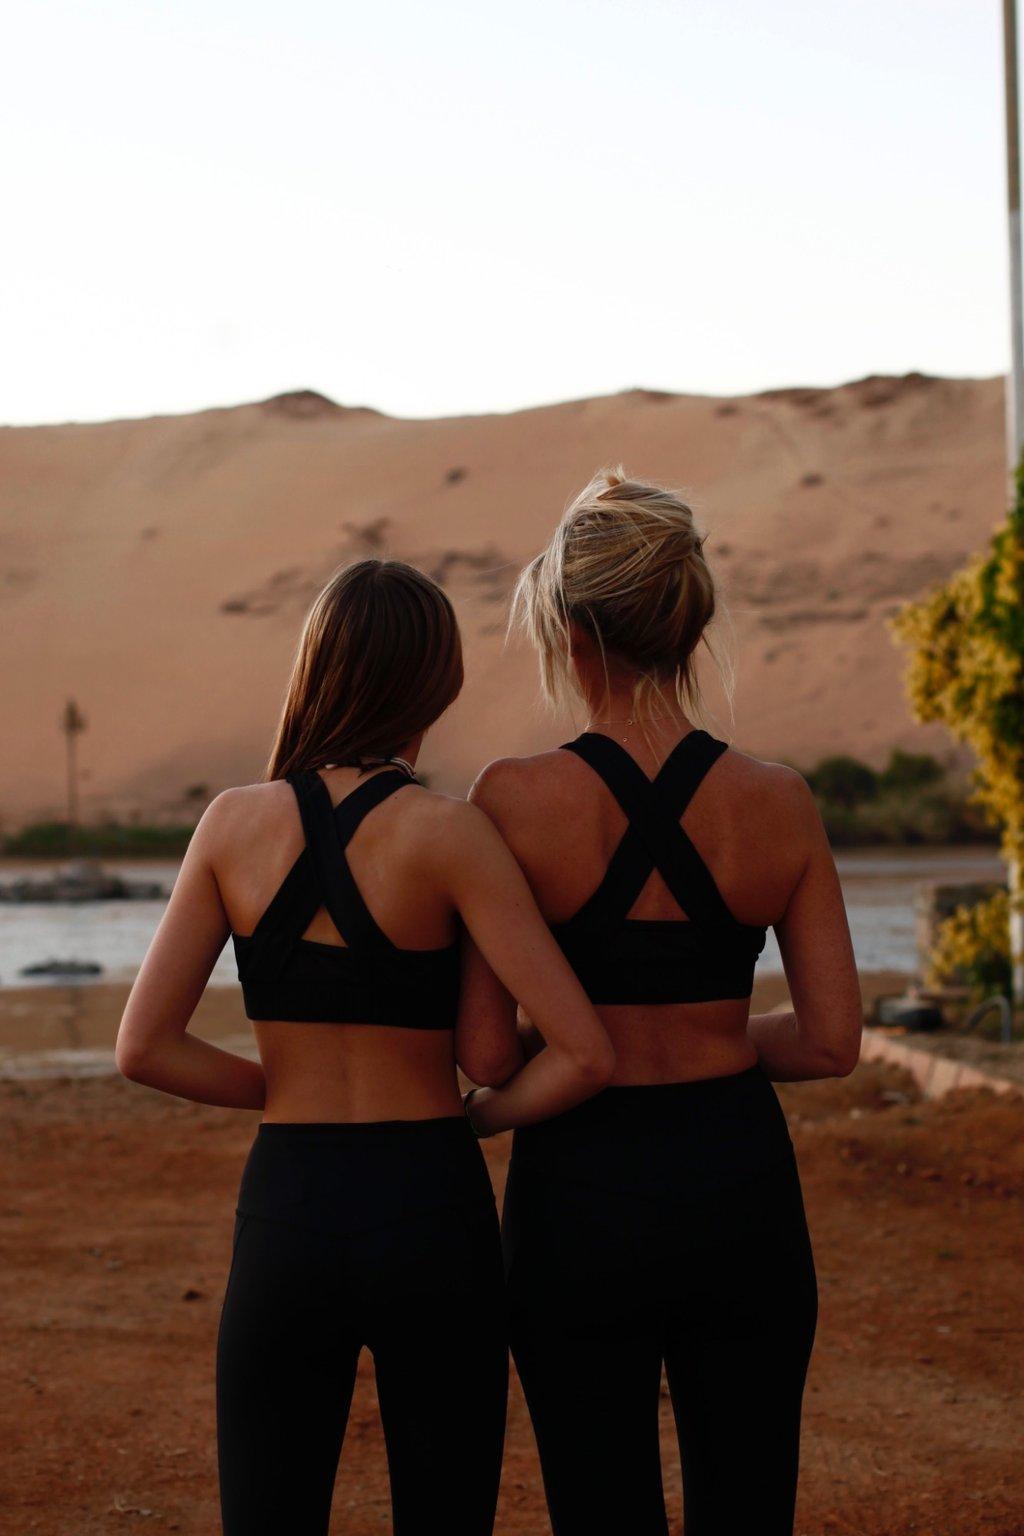 Cette image montre un corps de femme de la poitrine aux jambes. Elle porte une tenue AZ/AR noire et une chemise blanche avec un nœud devant.